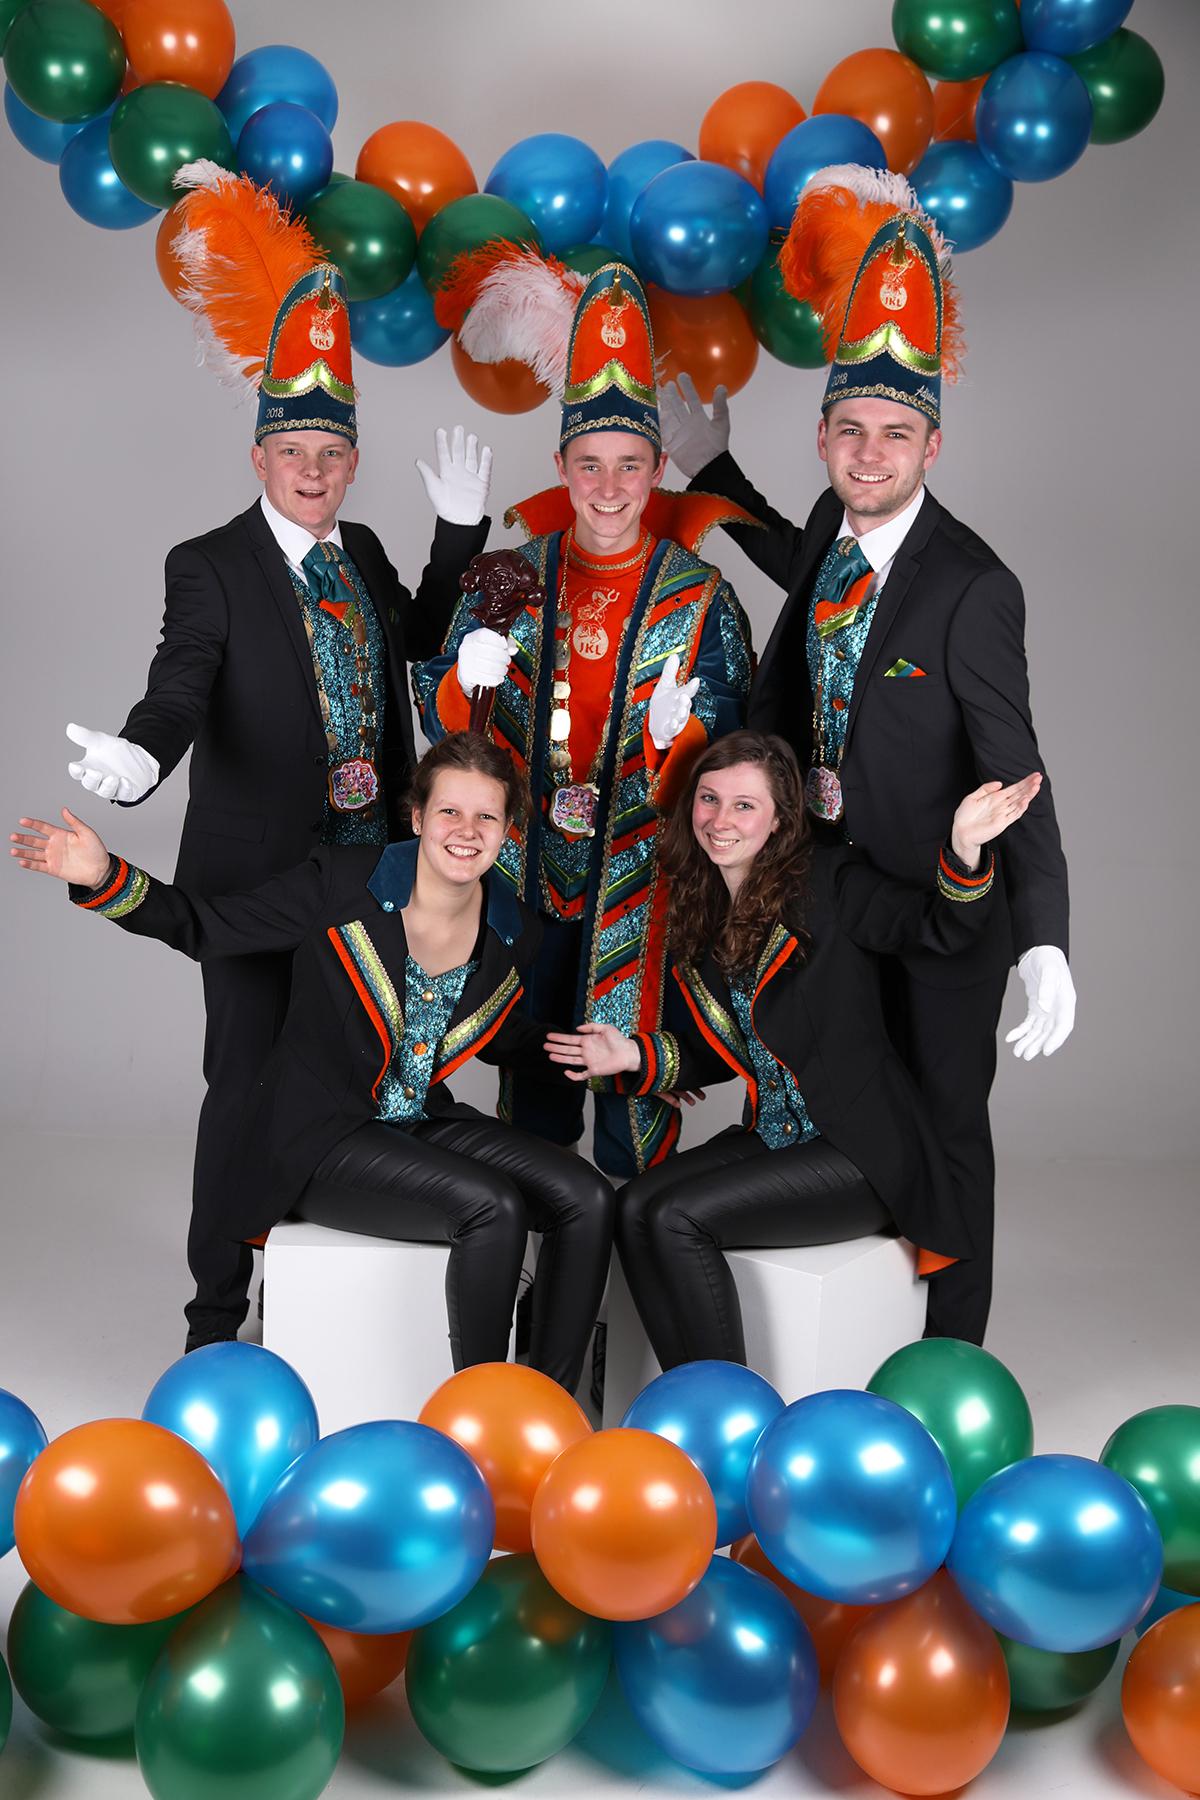 Suus FotoSjop - Foto- Portretten - Oldenzaal - Hengelo - Enschede - Losser - Denekamp - Carnaval